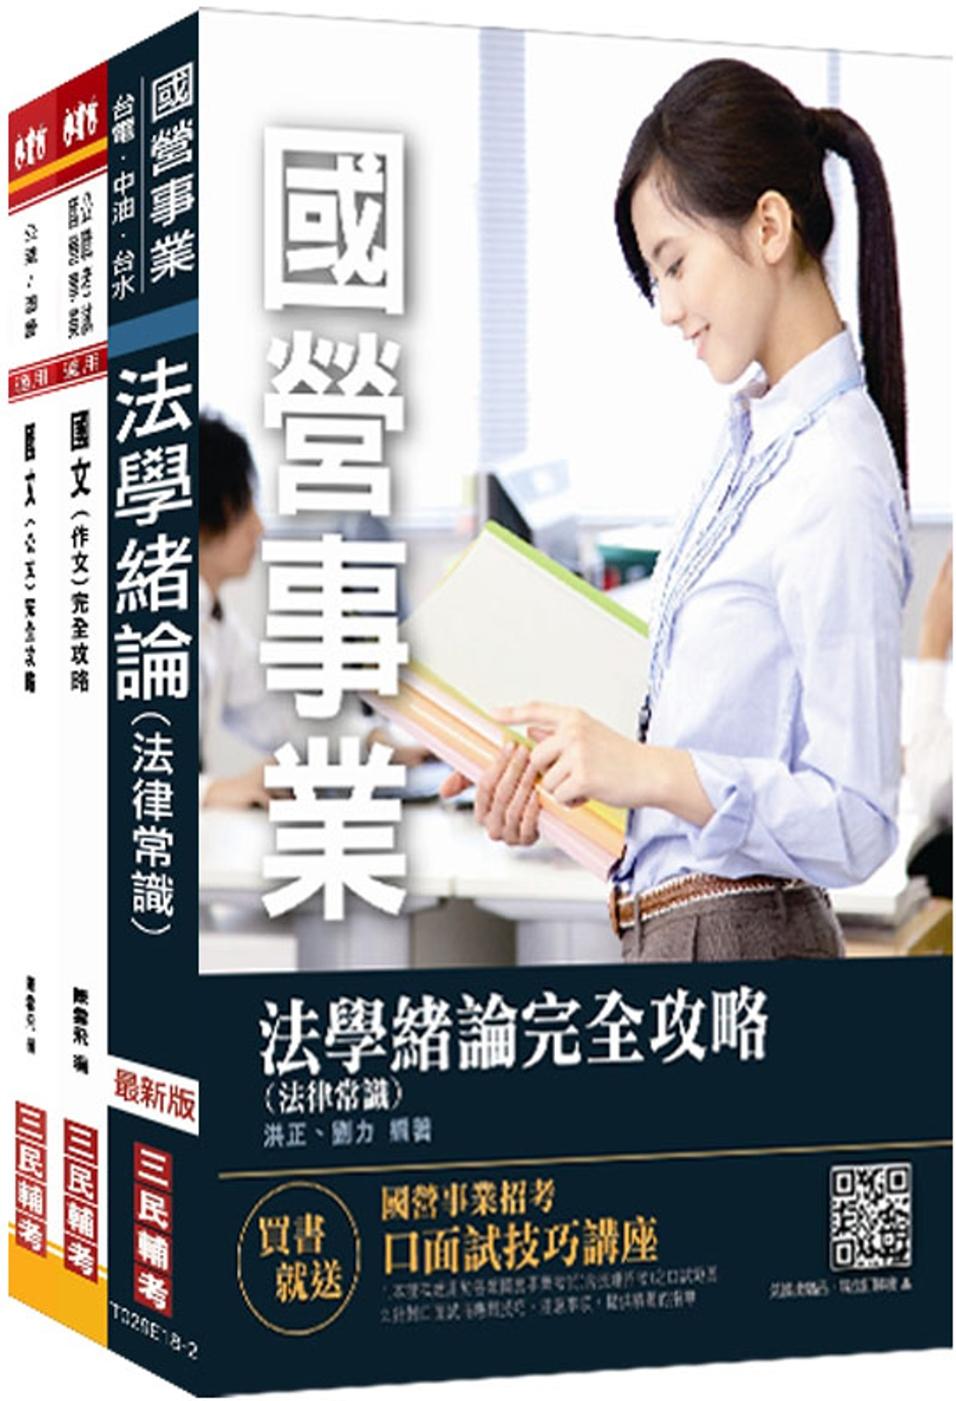 【捷運招考】2018臺中捷運甄試[經營管理類組 人資助理專員]套書